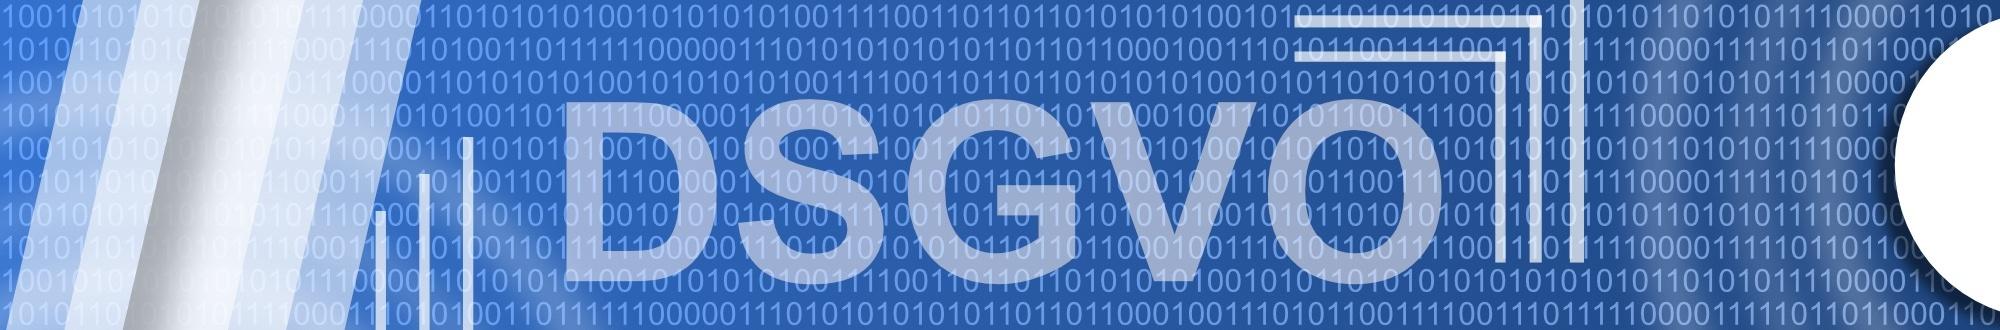 Datenschutzerklärung-